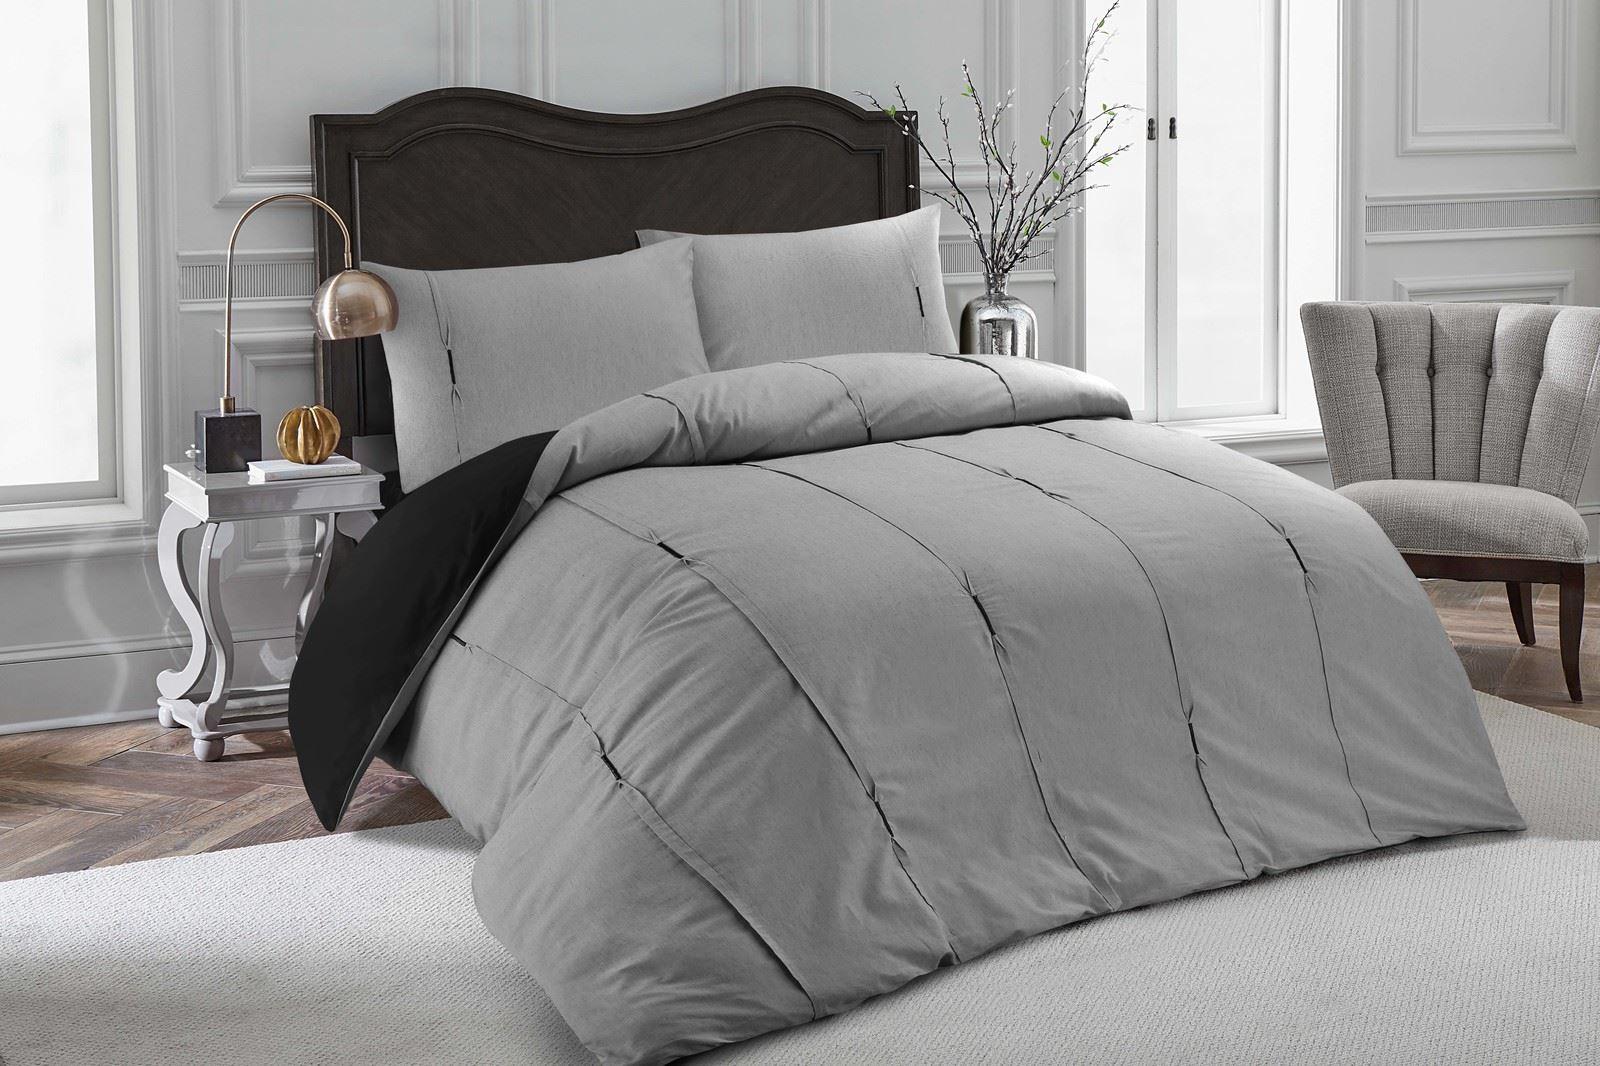 Luxe-Lambert-vertical-Pintuck-plissee-Soft-Couette-Parure-De-Lit-Gris-amp-Noir miniature 5